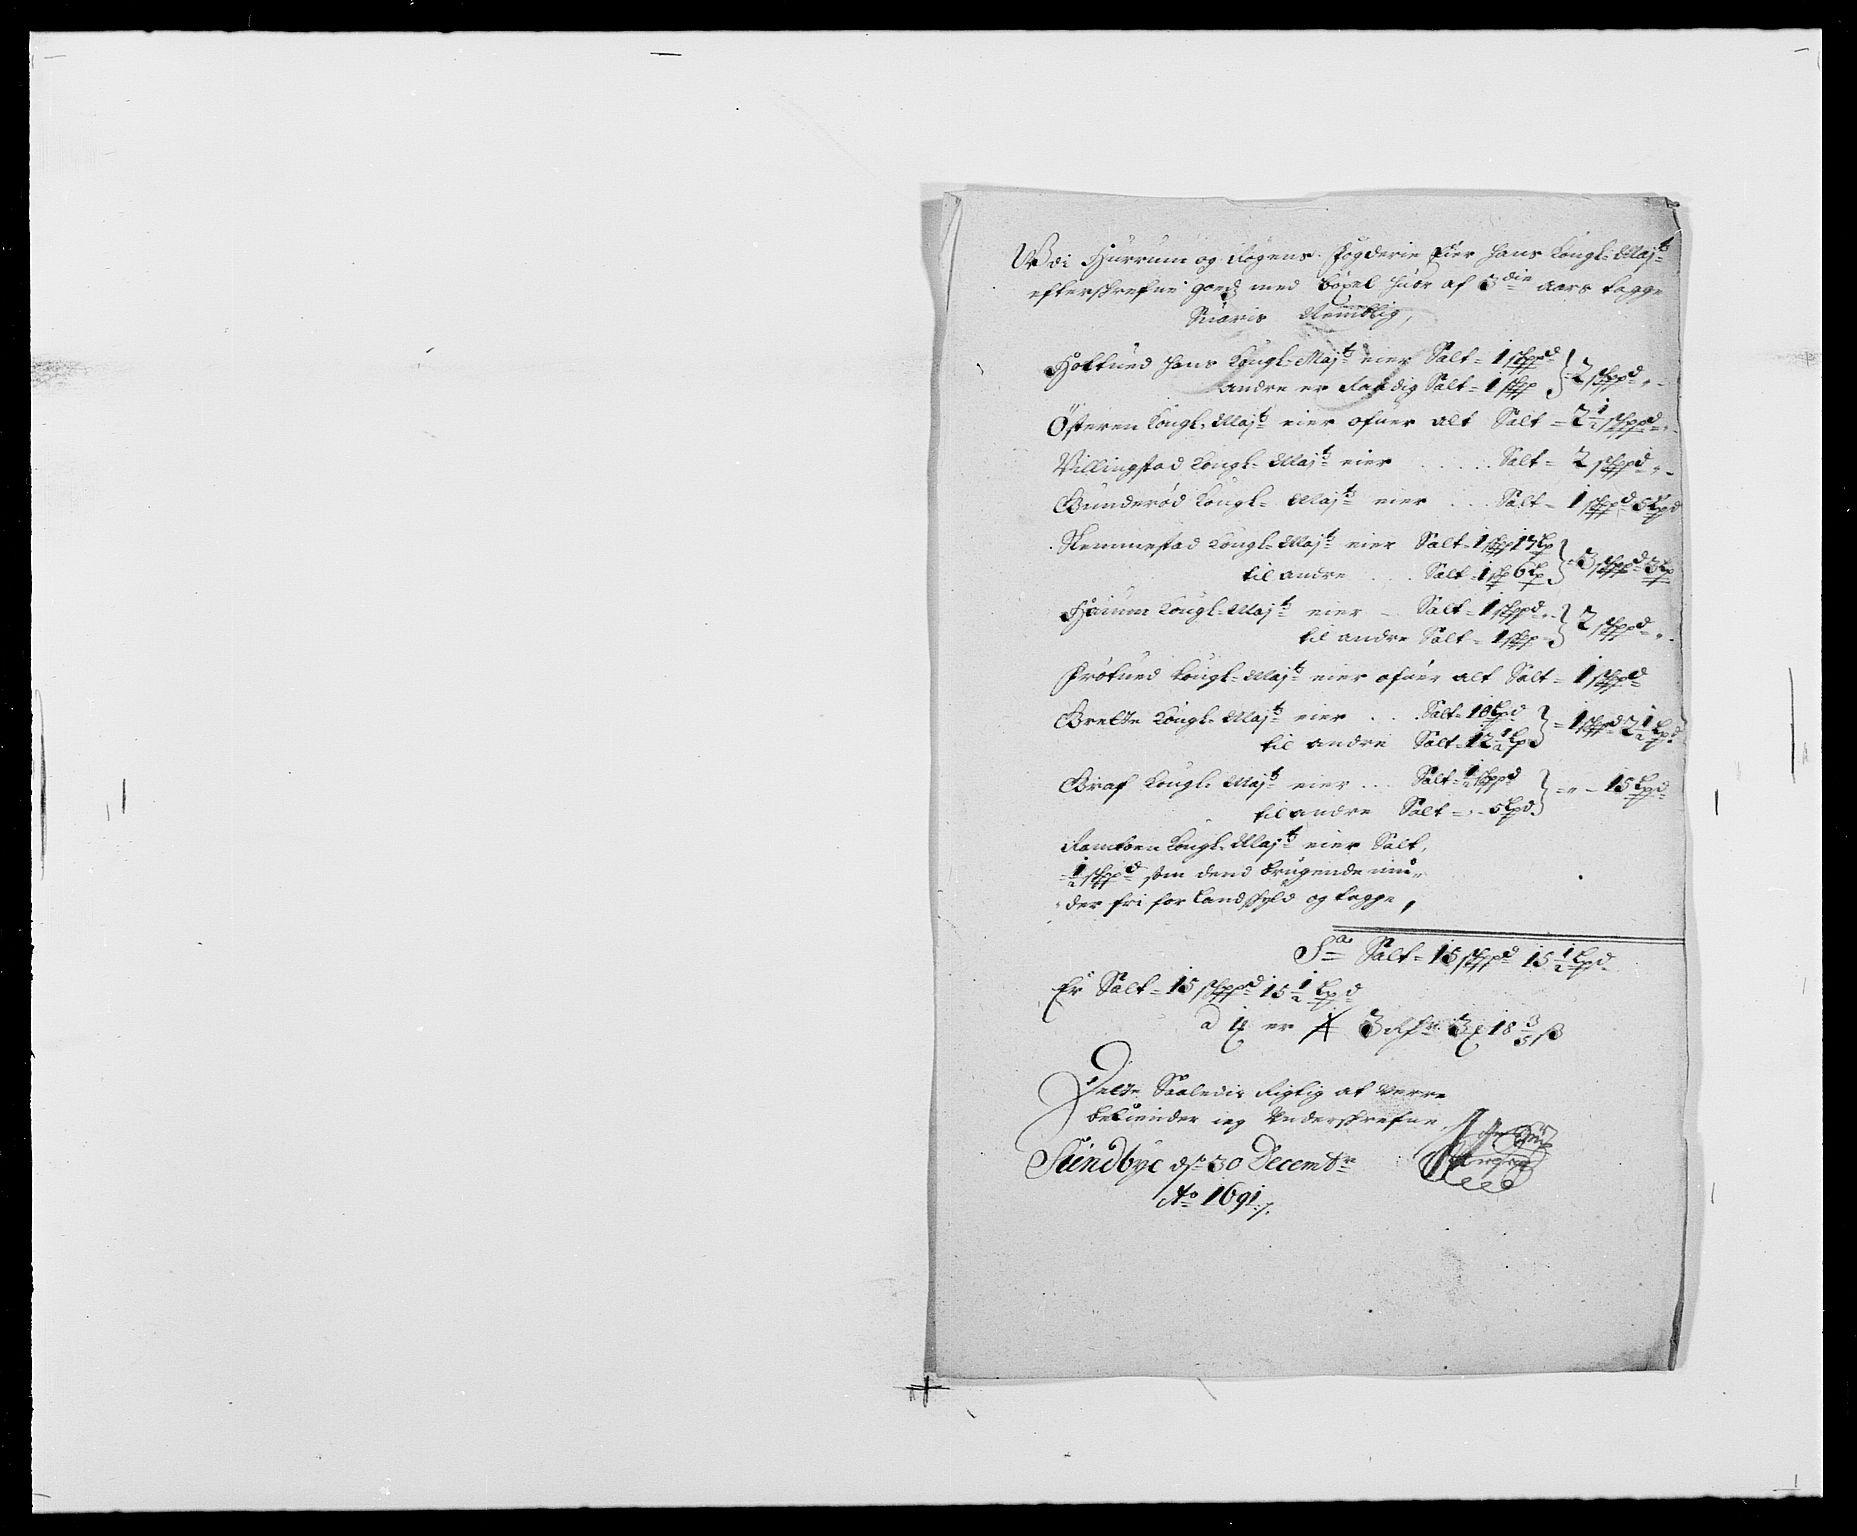 RA, Rentekammeret inntil 1814, Reviderte regnskaper, Fogderegnskap, R29/L1693: Fogderegnskap Hurum og Røyken, 1688-1693, s. 193